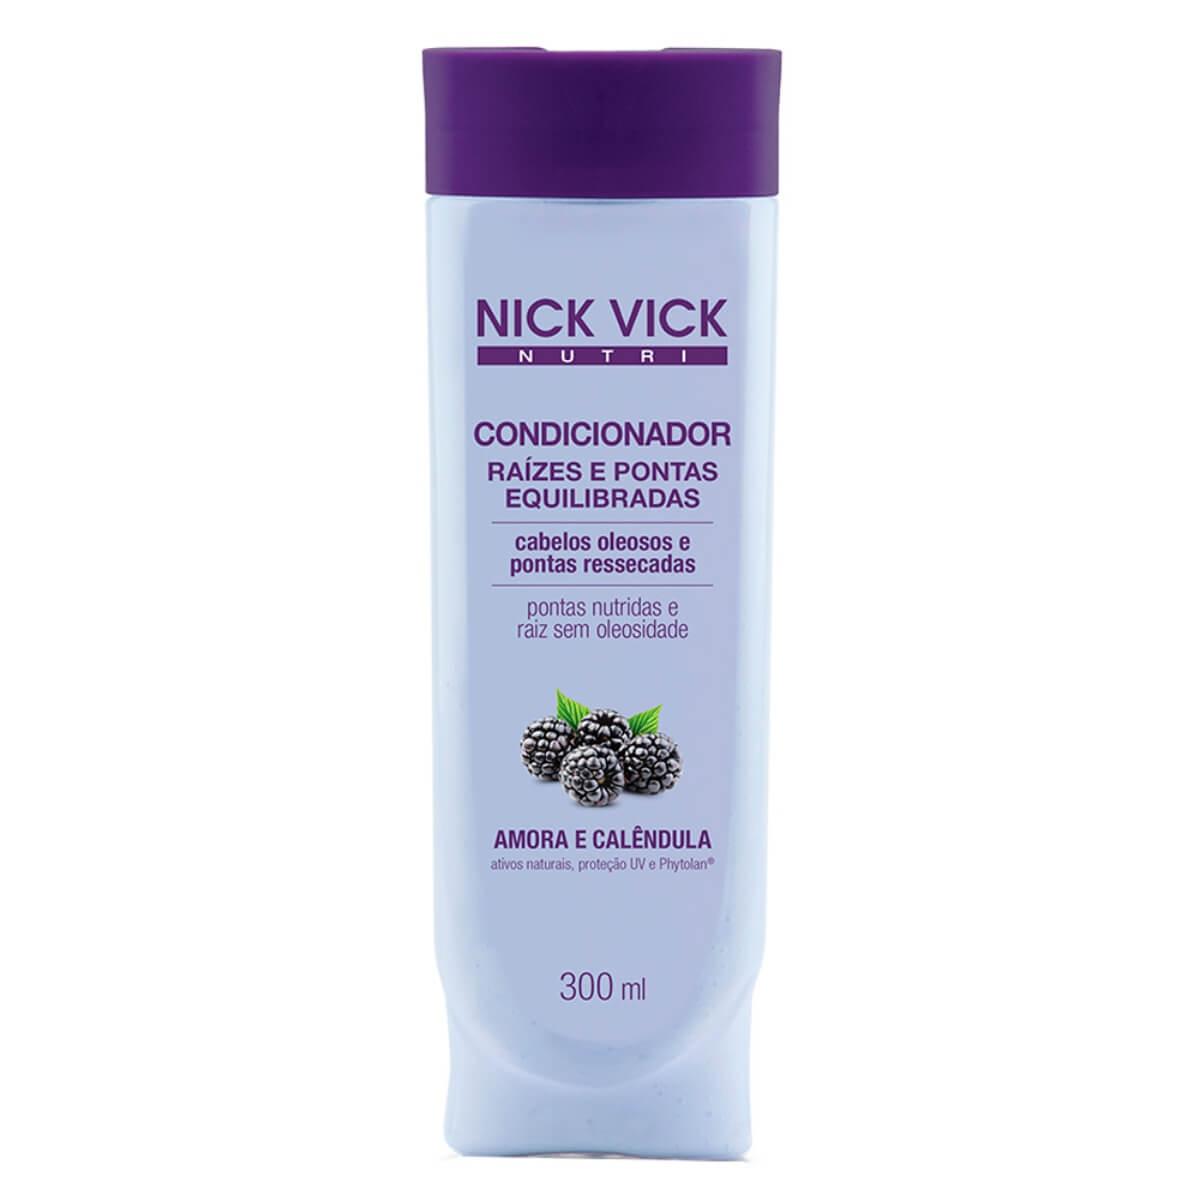 Condicionador Nick e Vick Nutri Raiz e Ponta 300ml